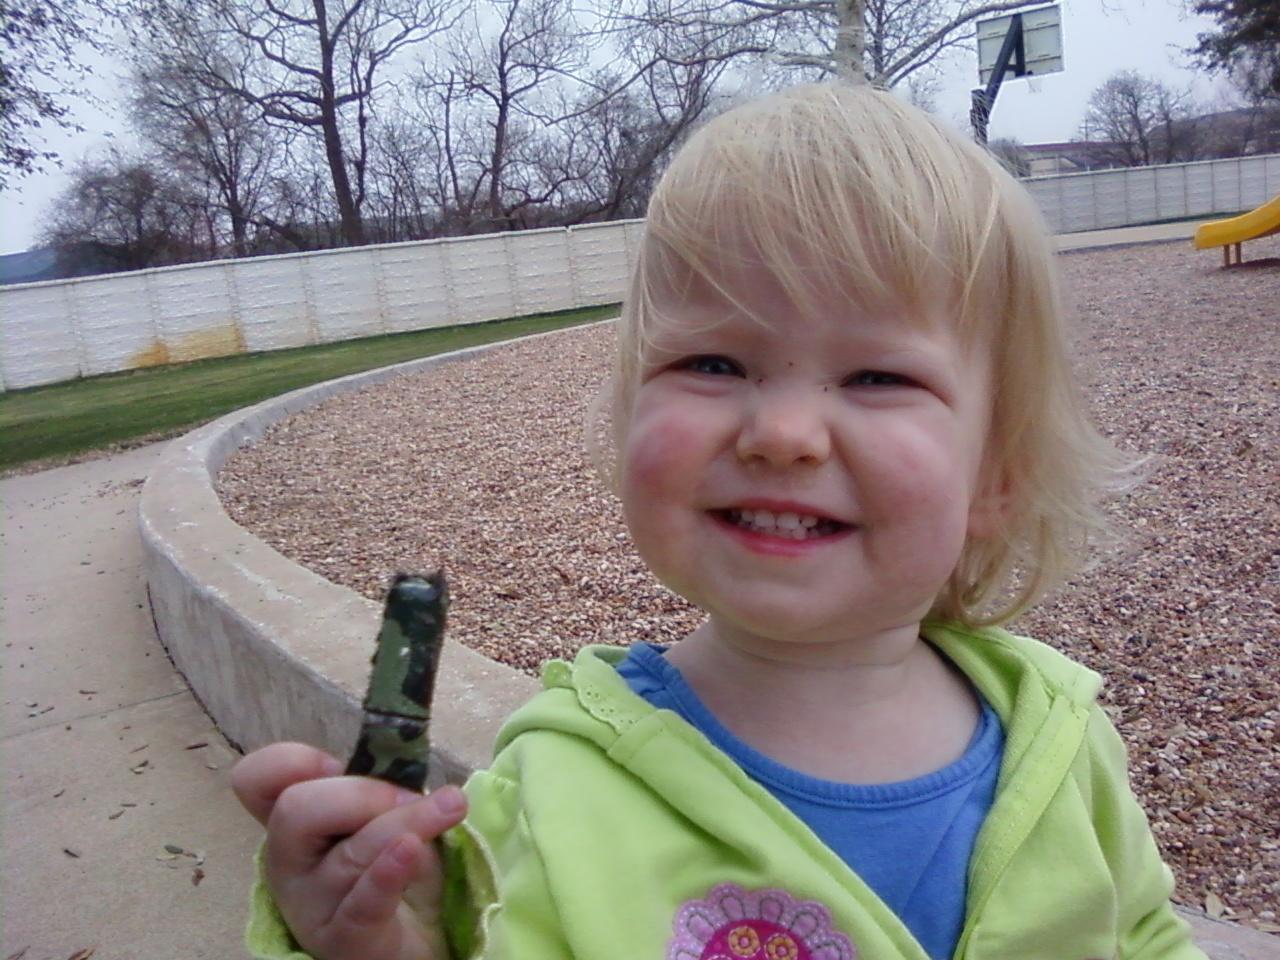 Emily found the geocache